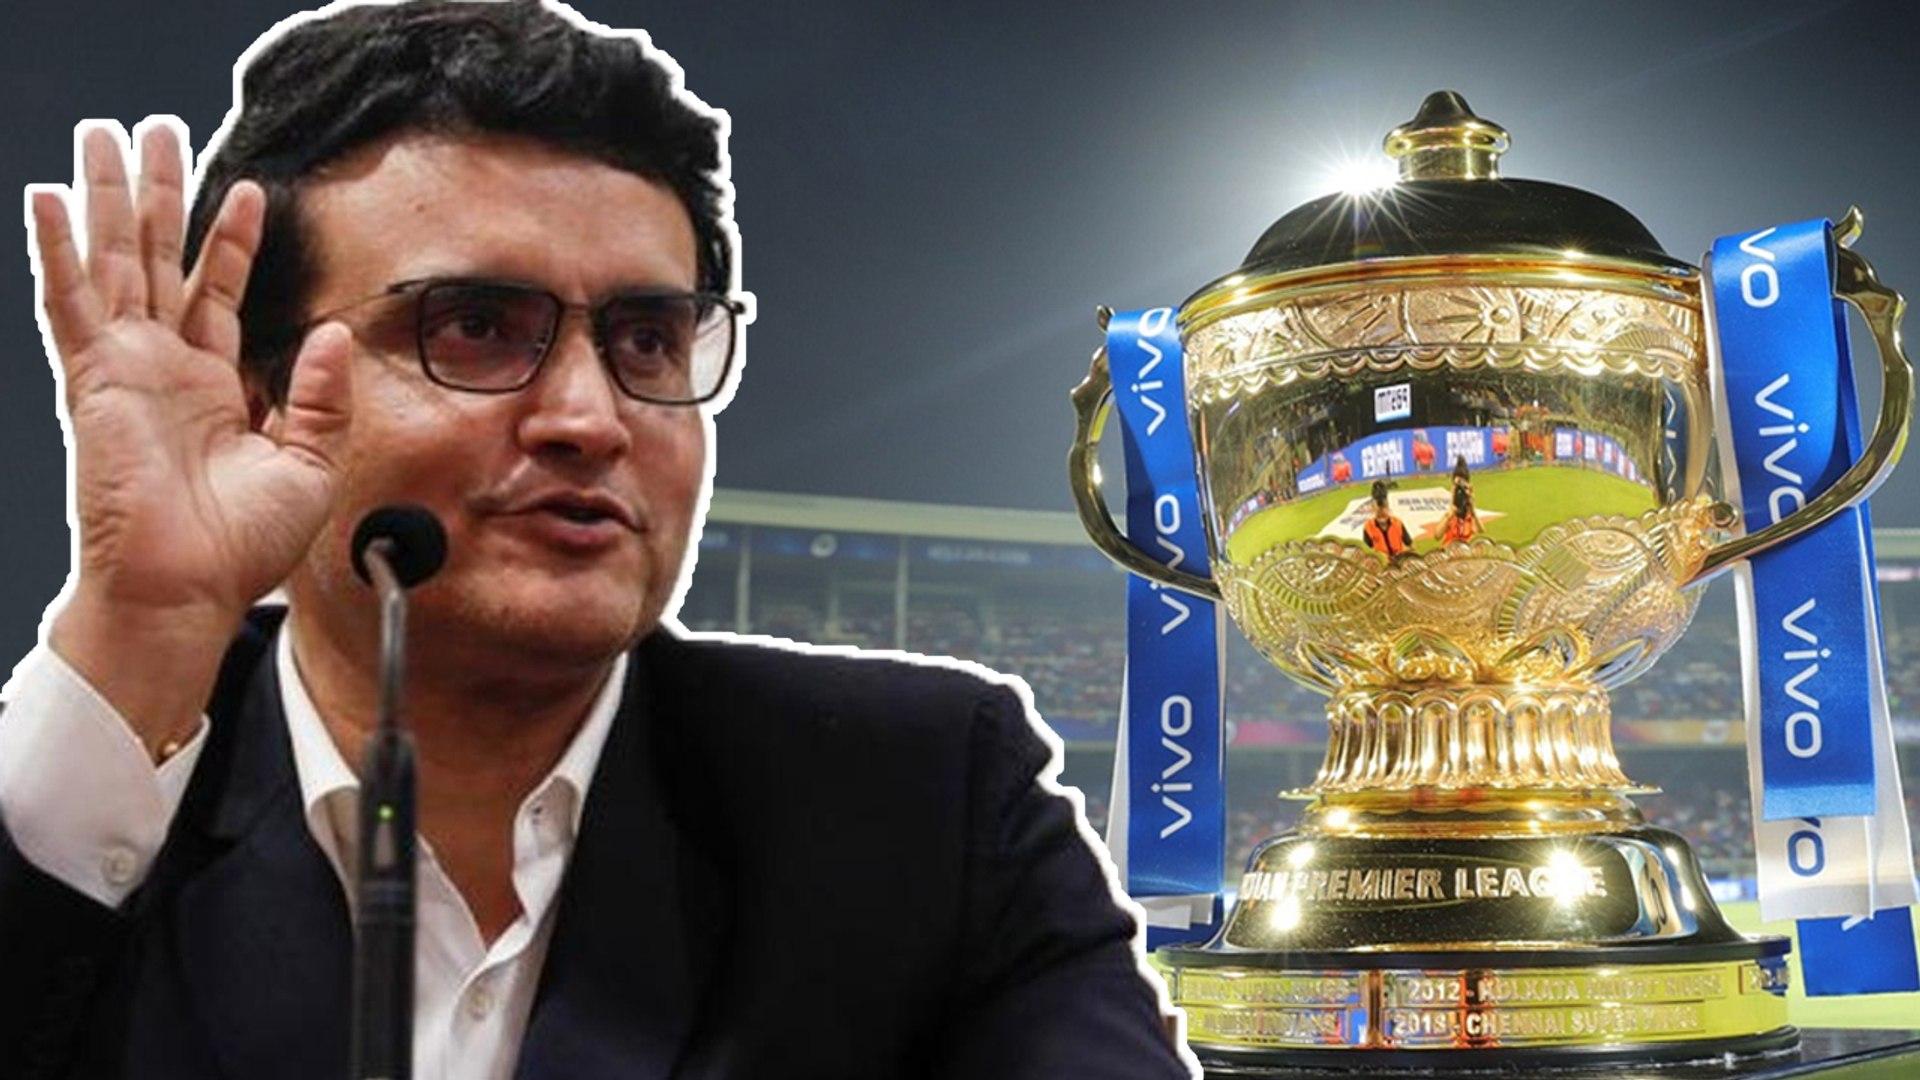 IPL 2020 INDIAவில் நடக்க வாய்ப்பு இல்லை: Sourav Ganguly